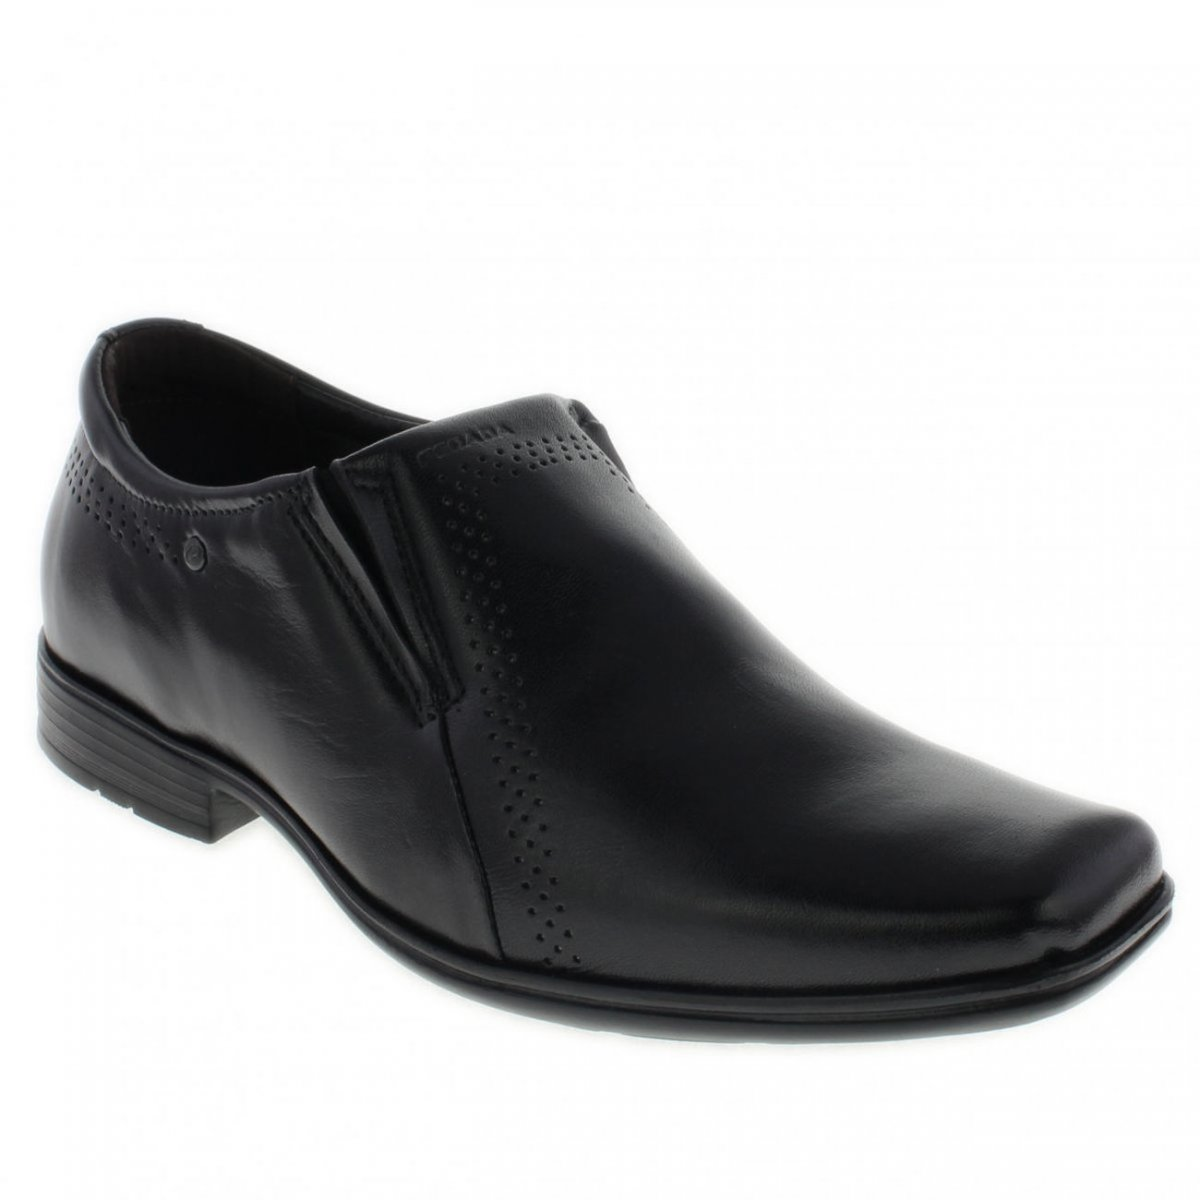 79741c2a069 Sapato Social Pegada Levitech 122314-01 - Preto (Mestiço) - Calçados ...